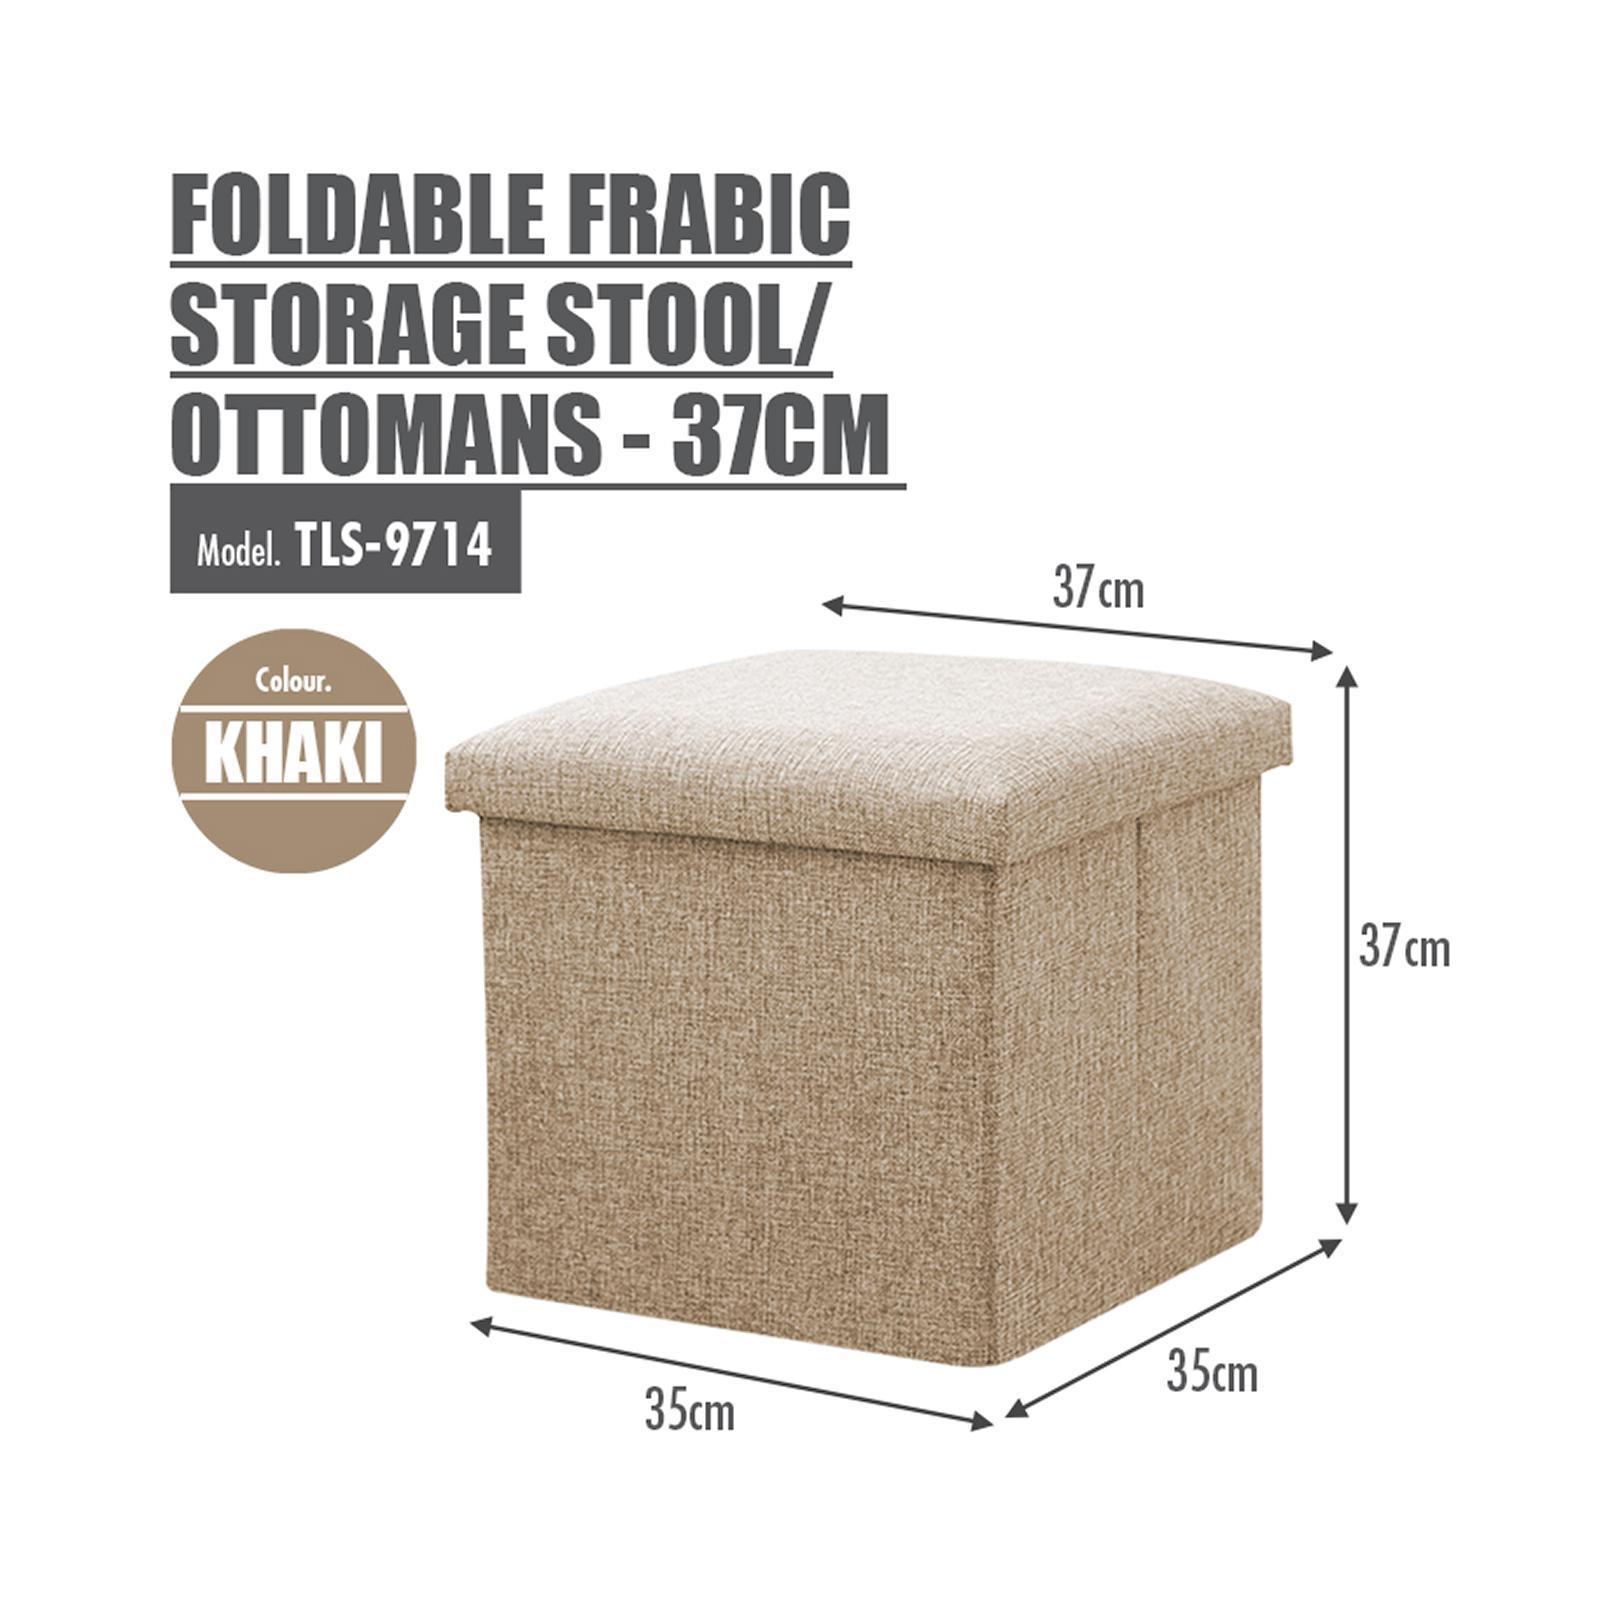 HOUZE Foldable Fabric Storage Stool/Ottomans - (Khaki)